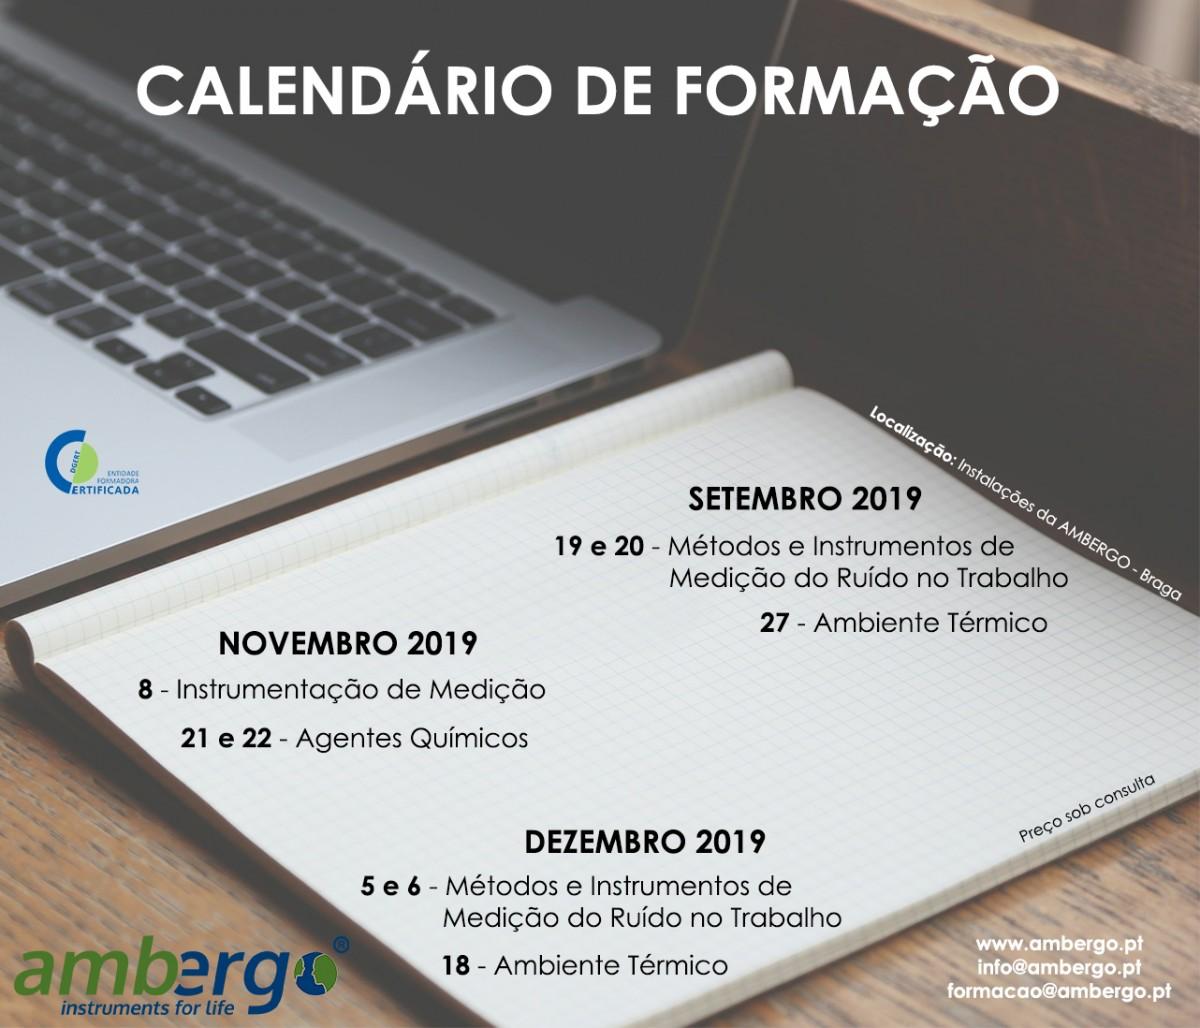 Formação Setembro, Novembro, Dezembro 2019